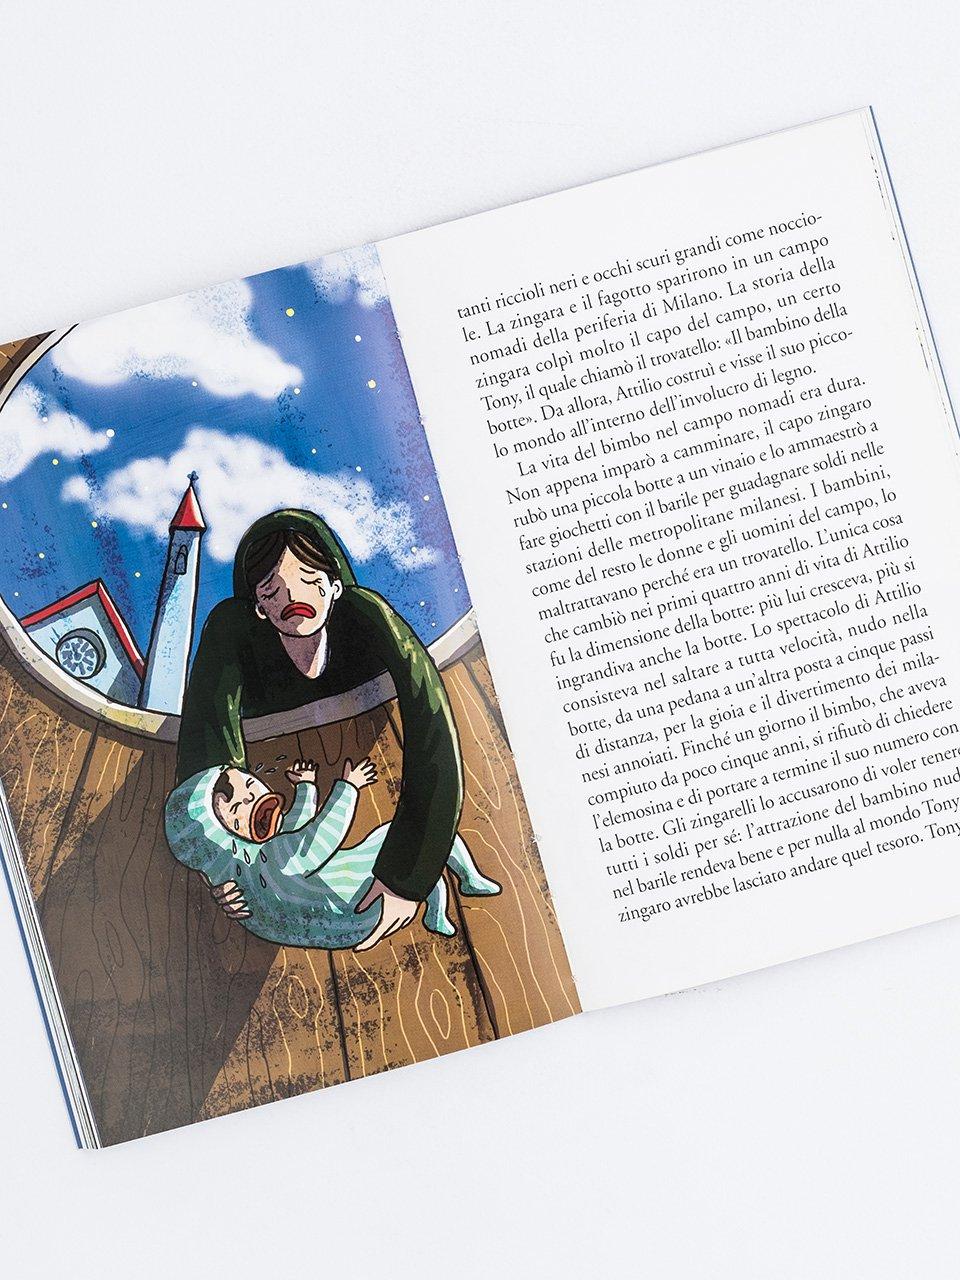 Mutande coraggiose - Libri - Erickson 2